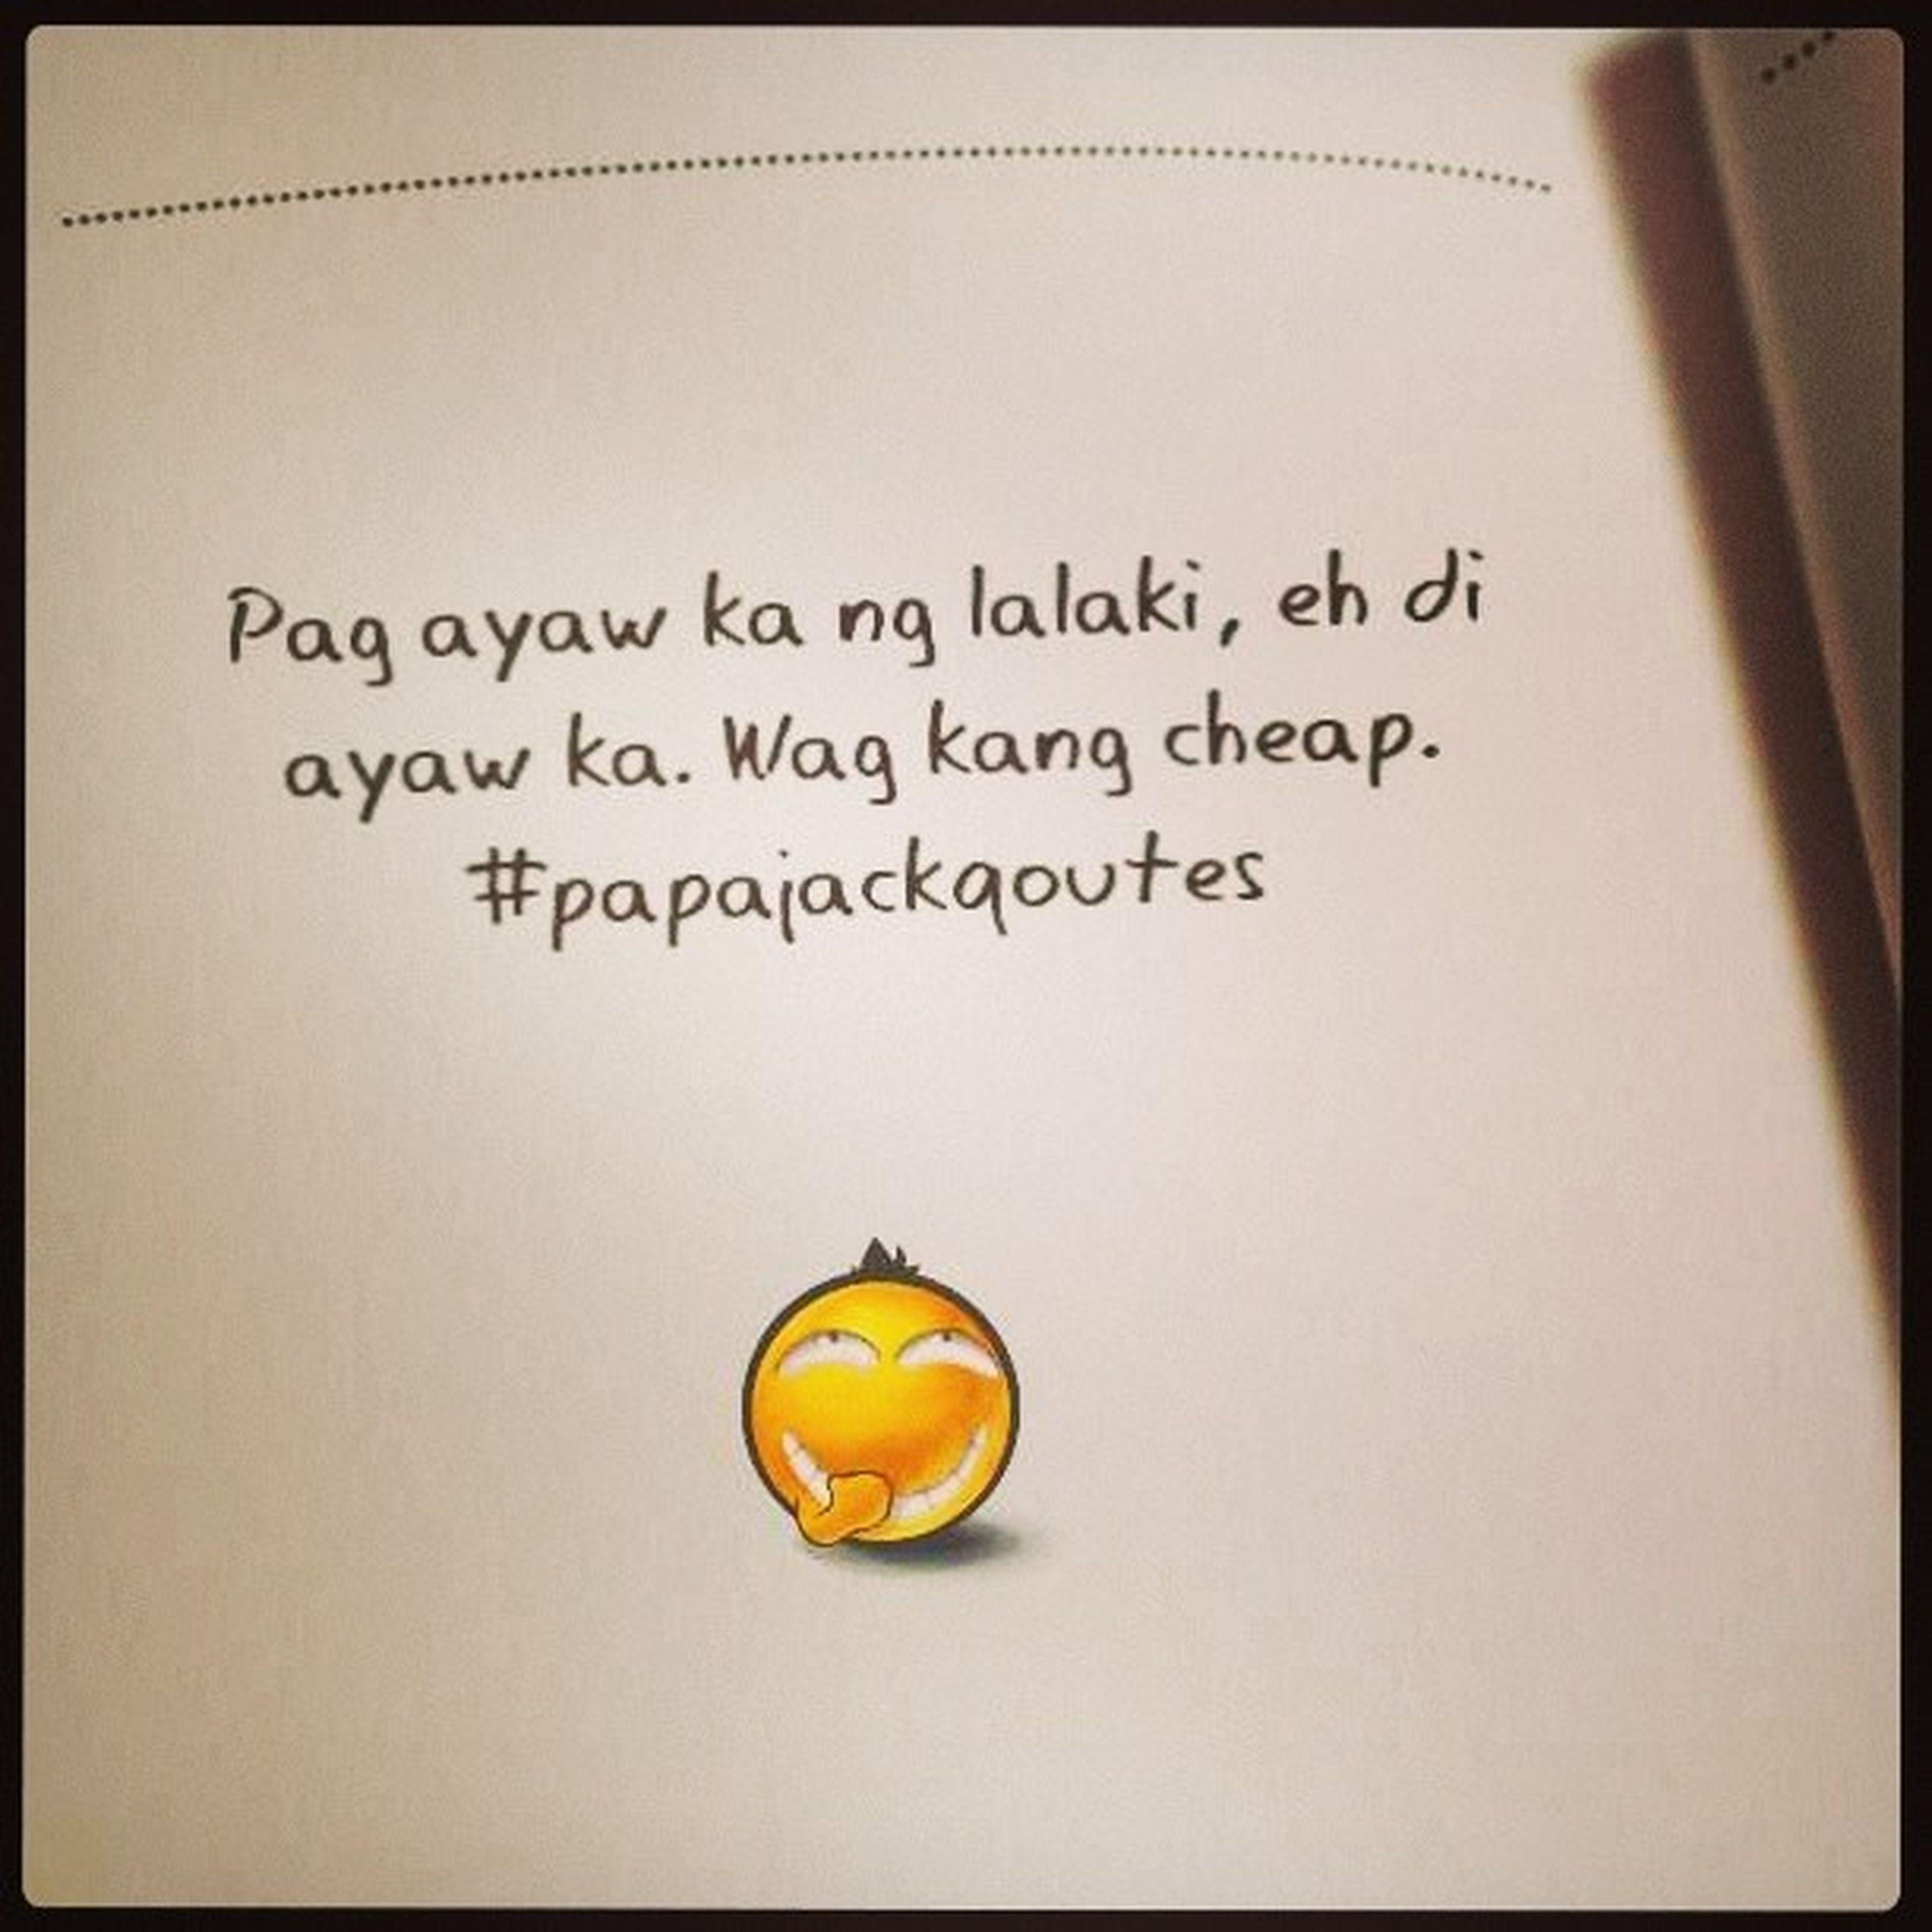 Textgramm Papajackqoutes Papajack LoveRadio instaqoutes